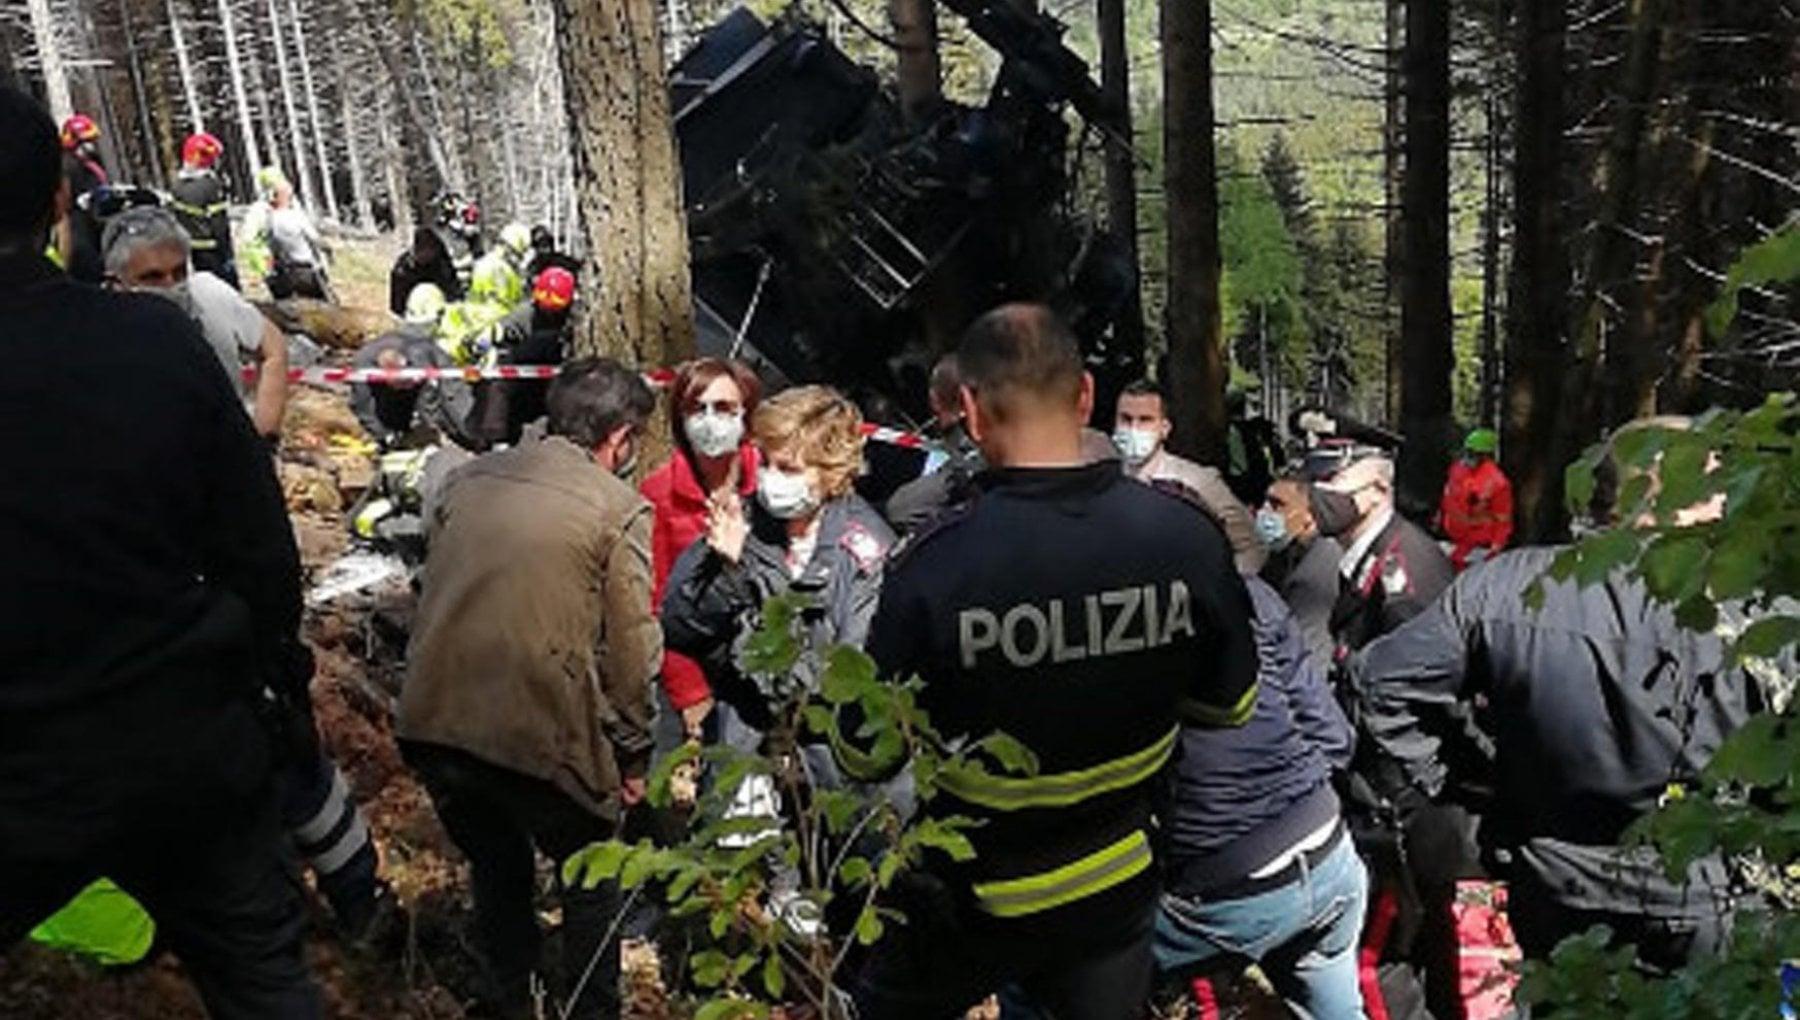 """225924678 1b746247 0177 413a b3da 94f8633d2e69 - I volontari sul luogo della tragedia del Lago Maggiore: """"La corsa per salvarli ma in mezzo al bosco contavamo i morti"""""""